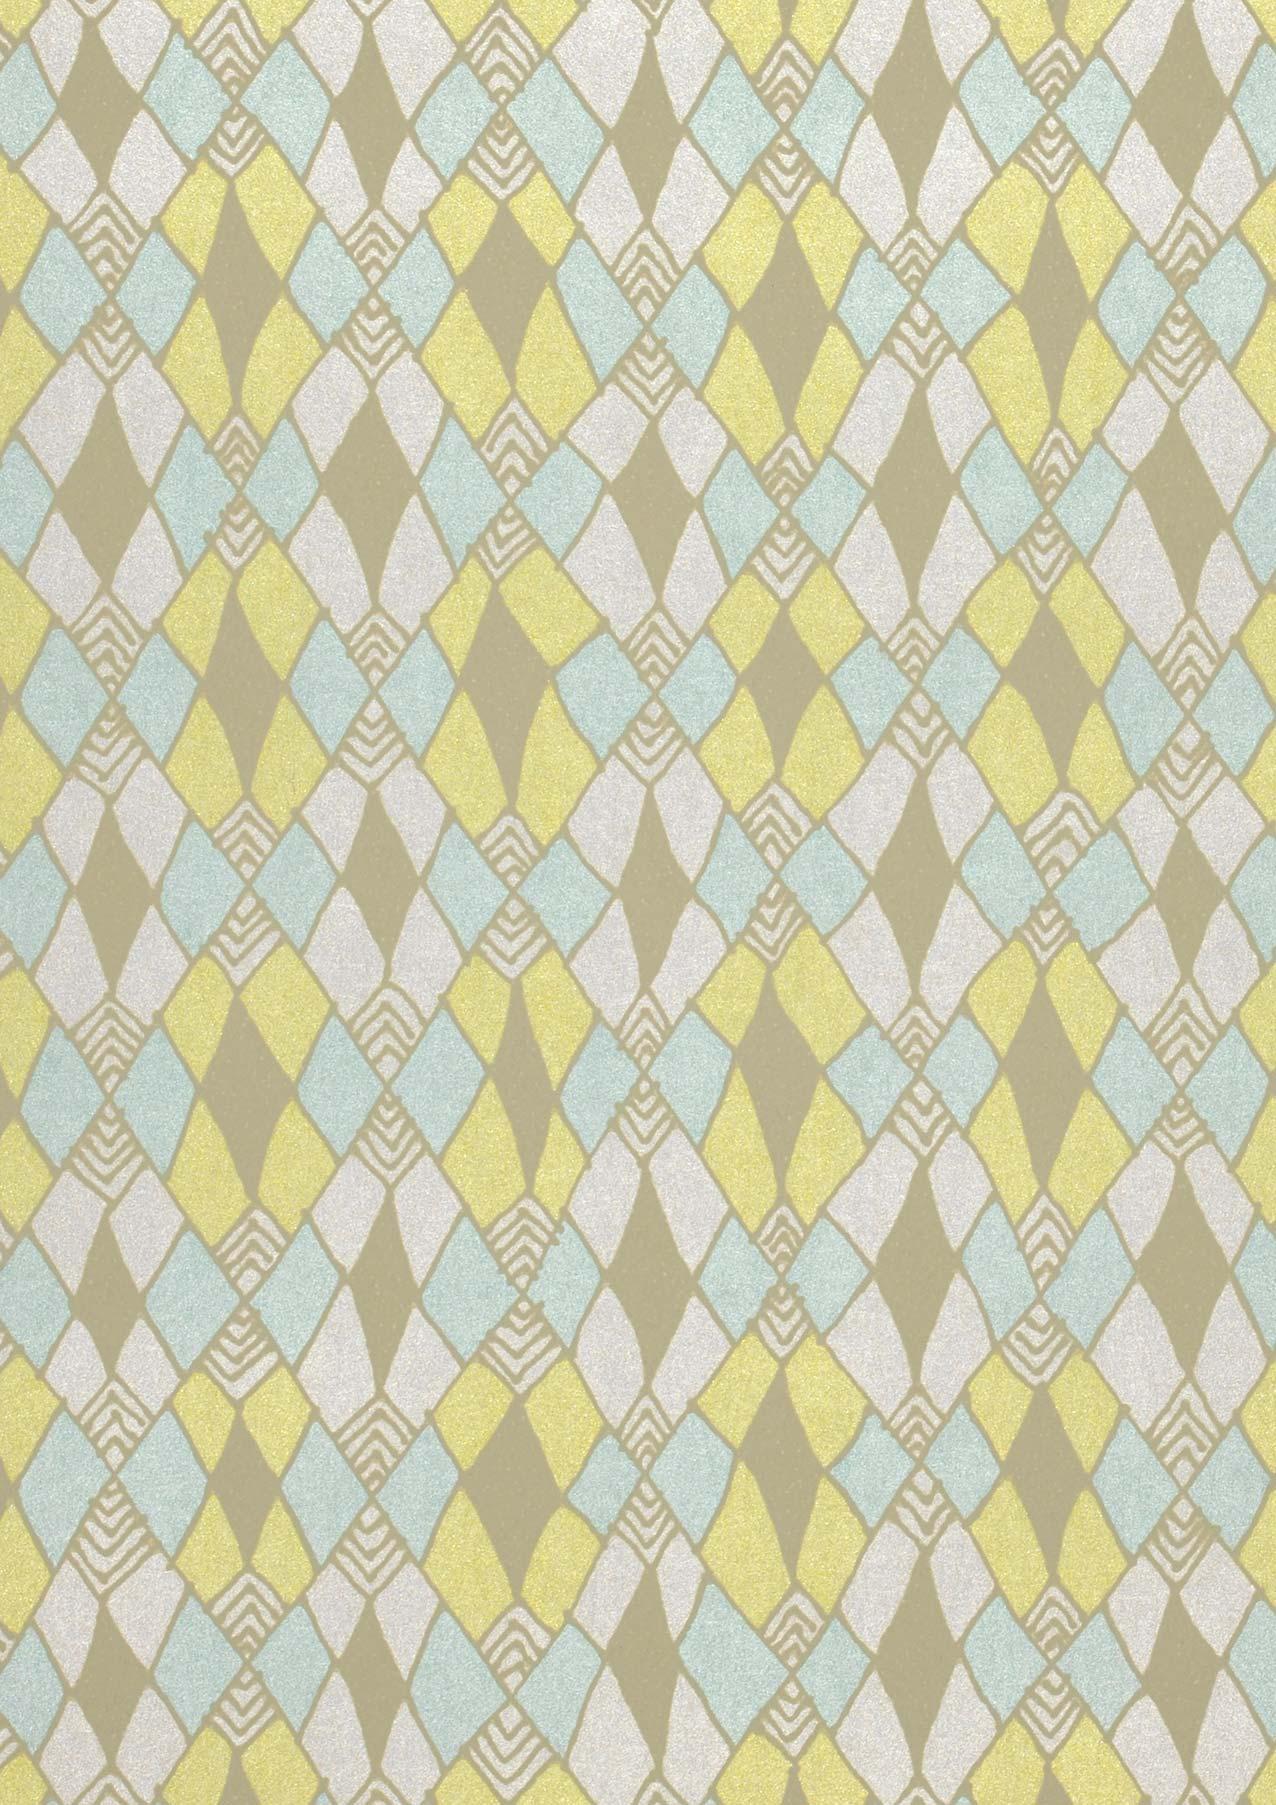 Papier peint tilos blanc cr me jaune vif vert clair jaune olive papier peint des ann es 70 - Largeur d un rouleau de papier peint ...